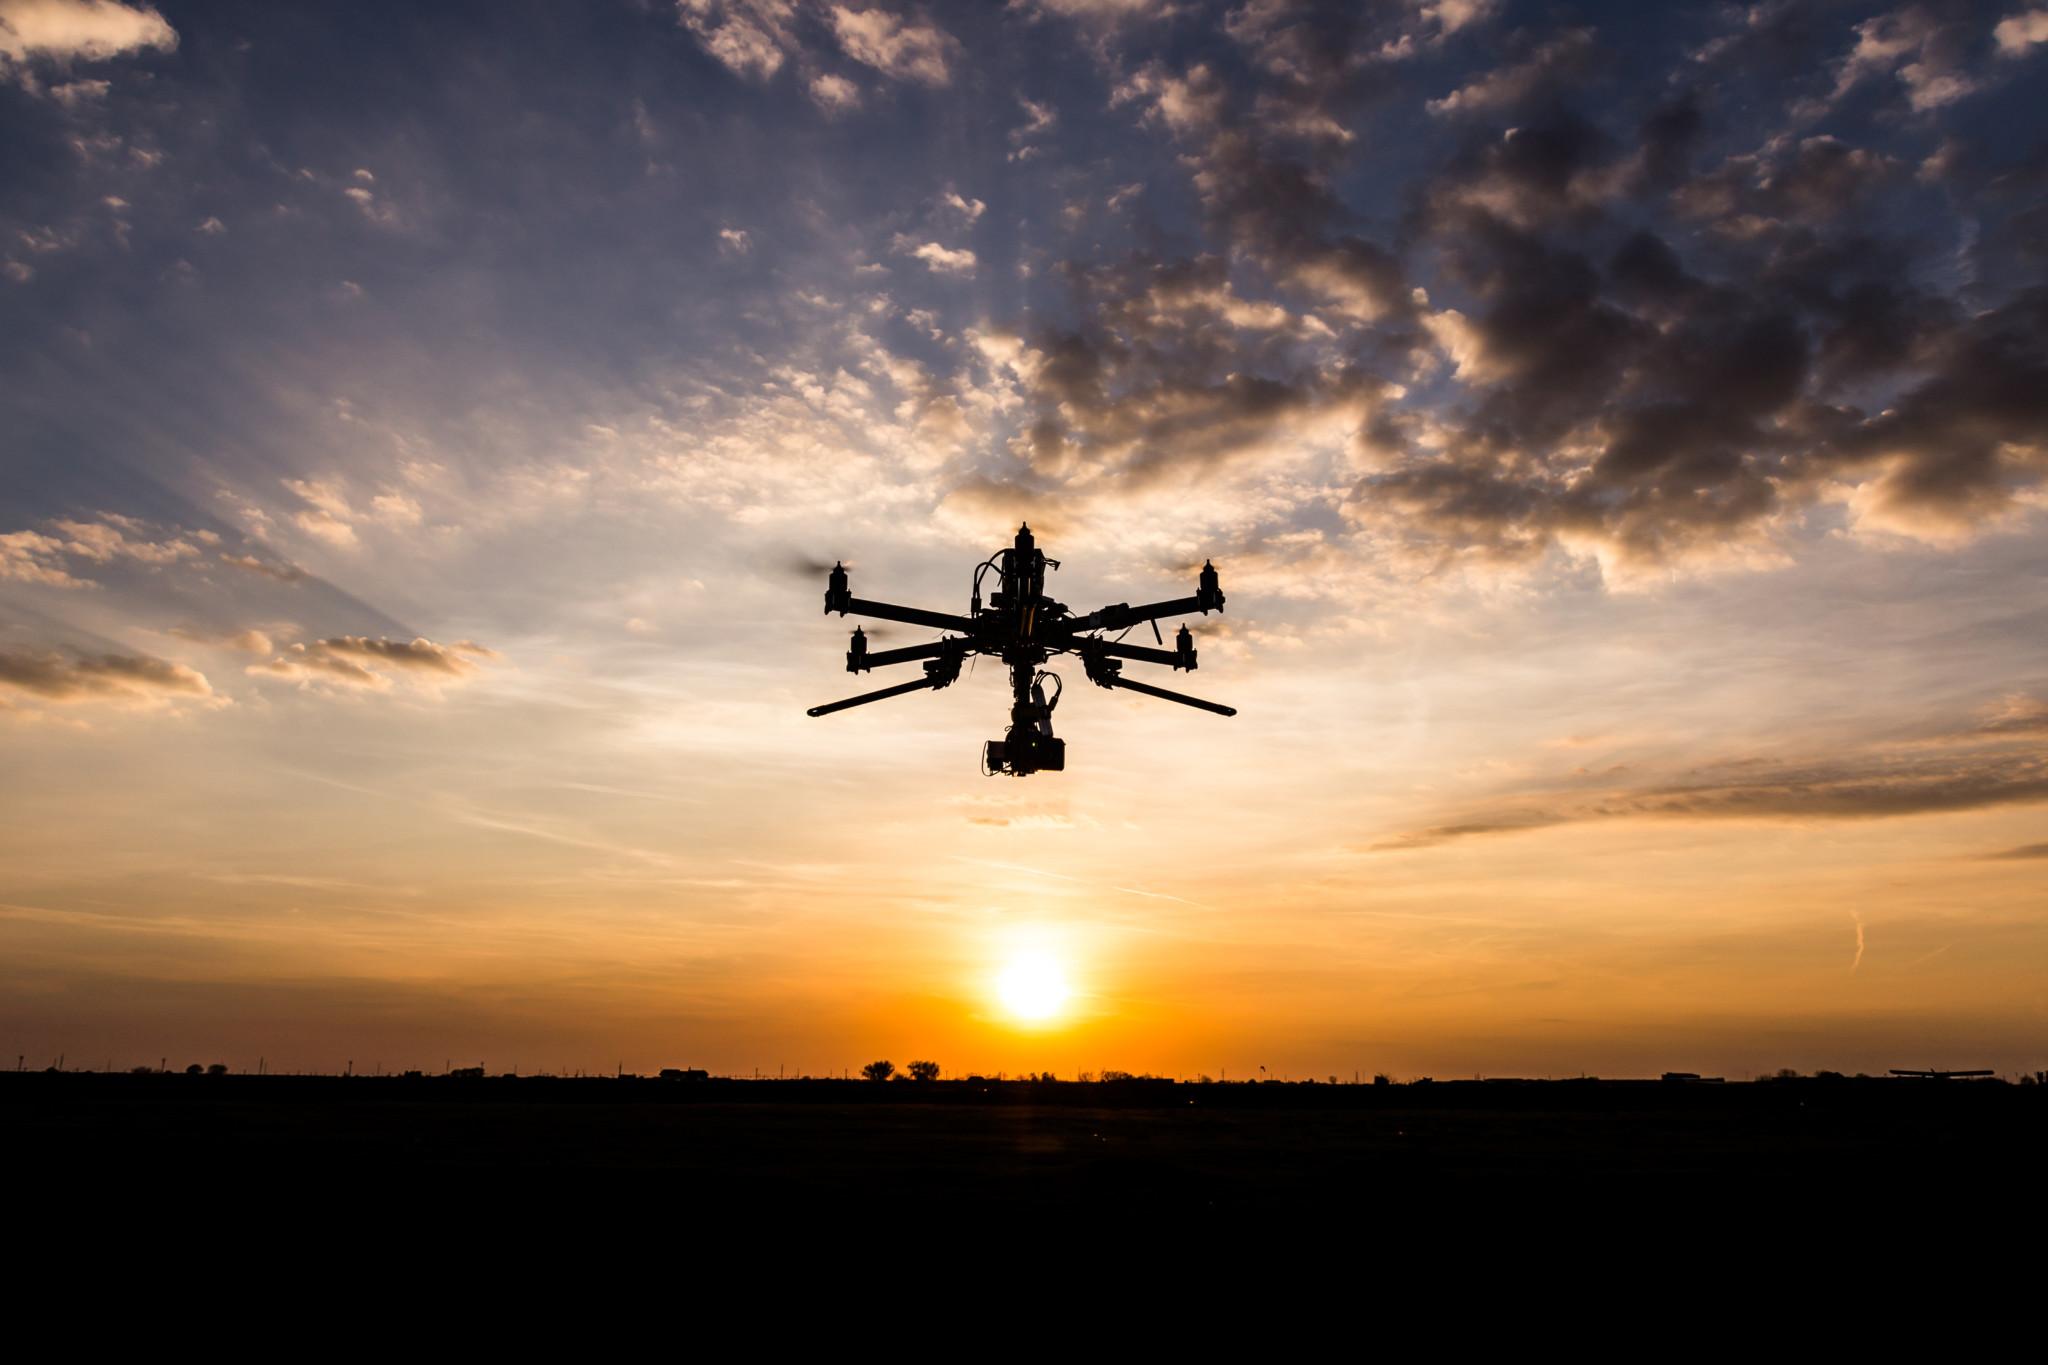 Droneforbund kritisk til hurtigforbud